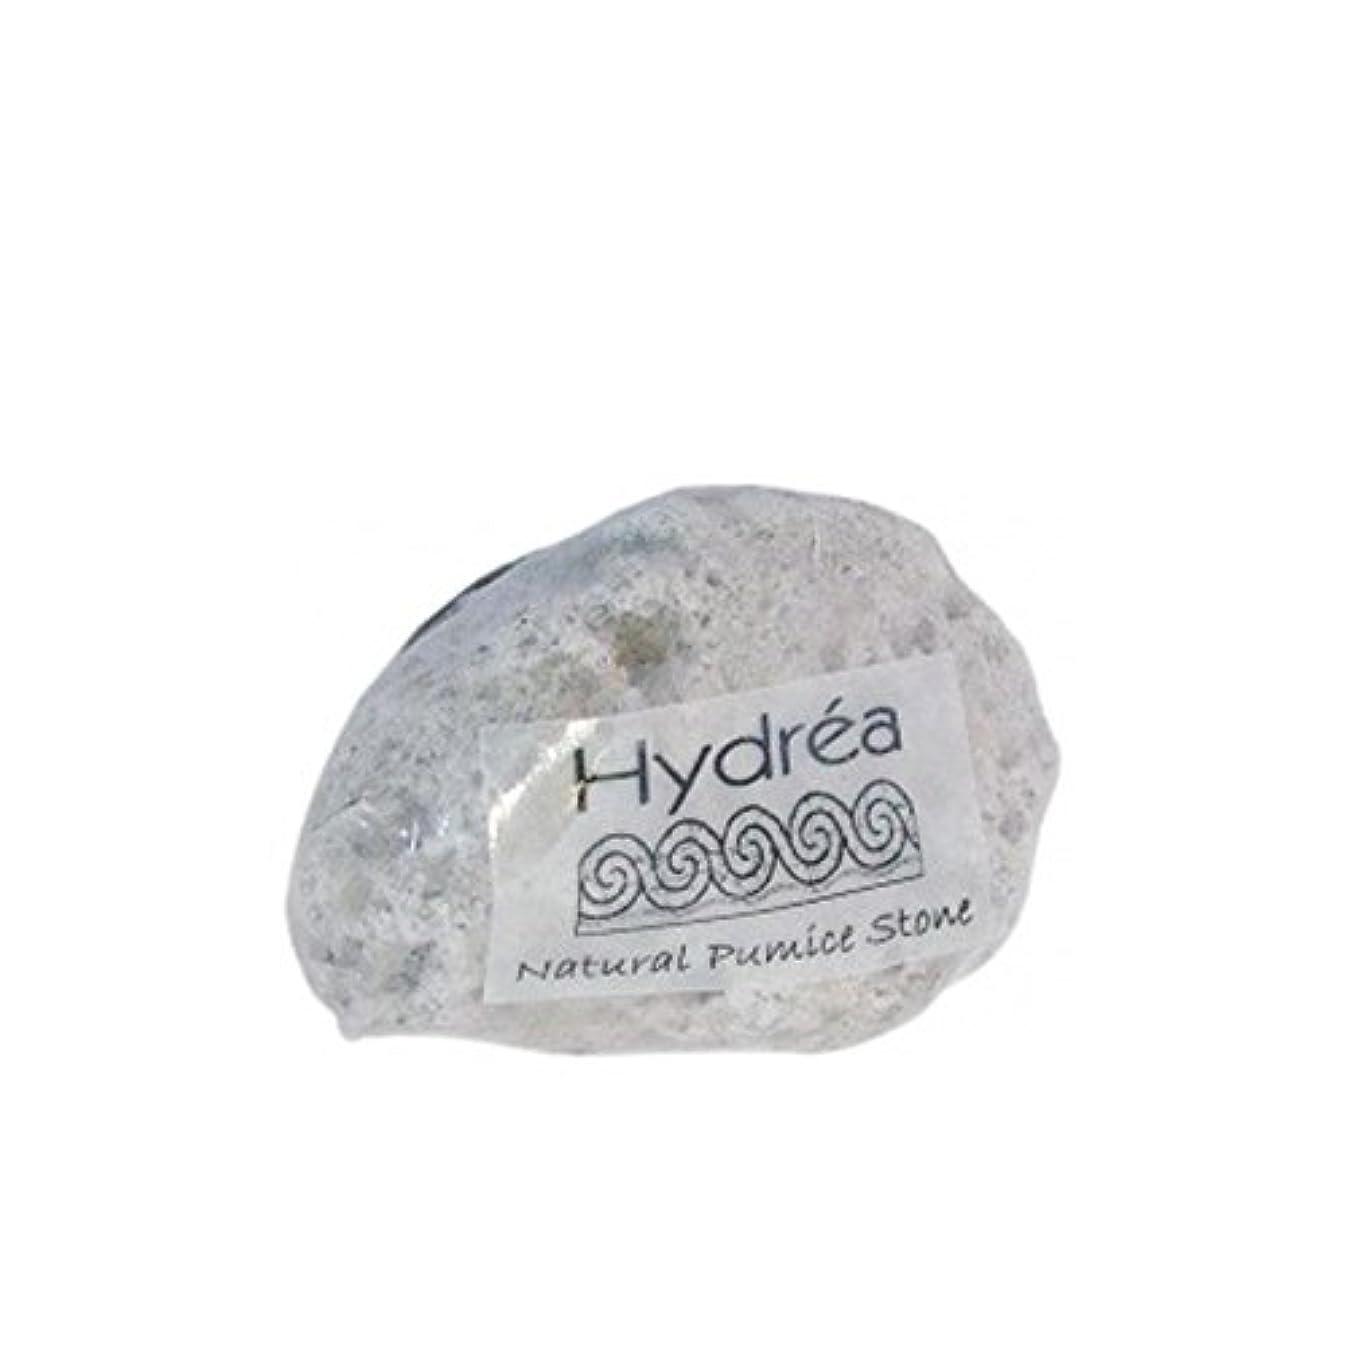 ポジション発言するビンHydrea London - Natural Pumice Stone (Pack of 6) - ハイドレアロンドン - 自然軽石 x6 [並行輸入品]